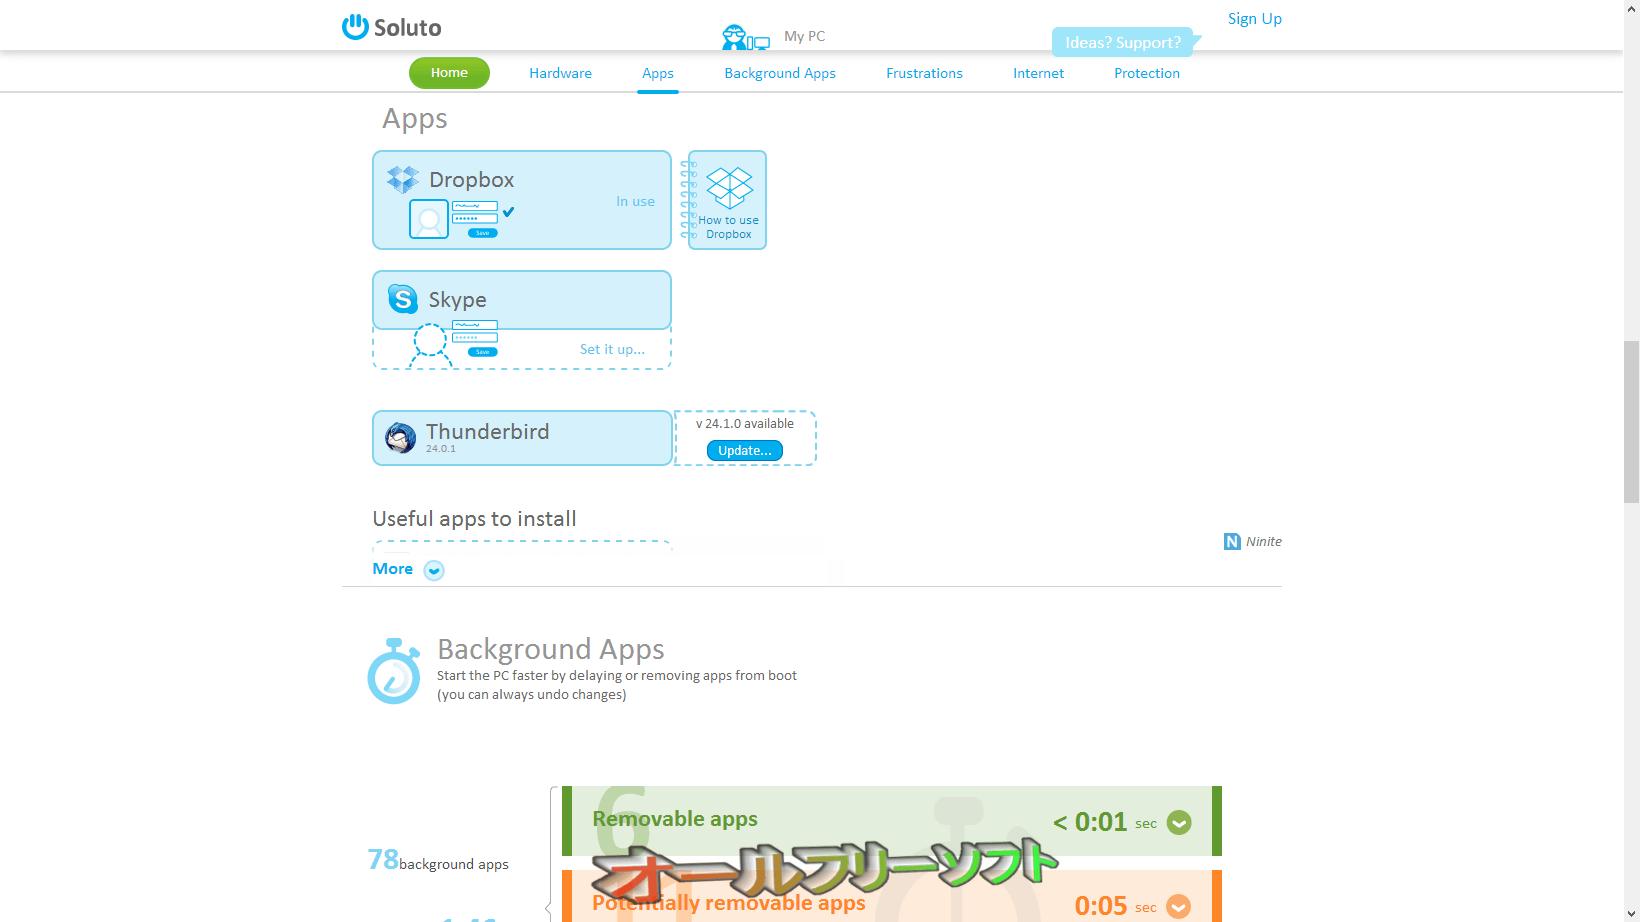 Soluto--Apps--オールフリーソフト